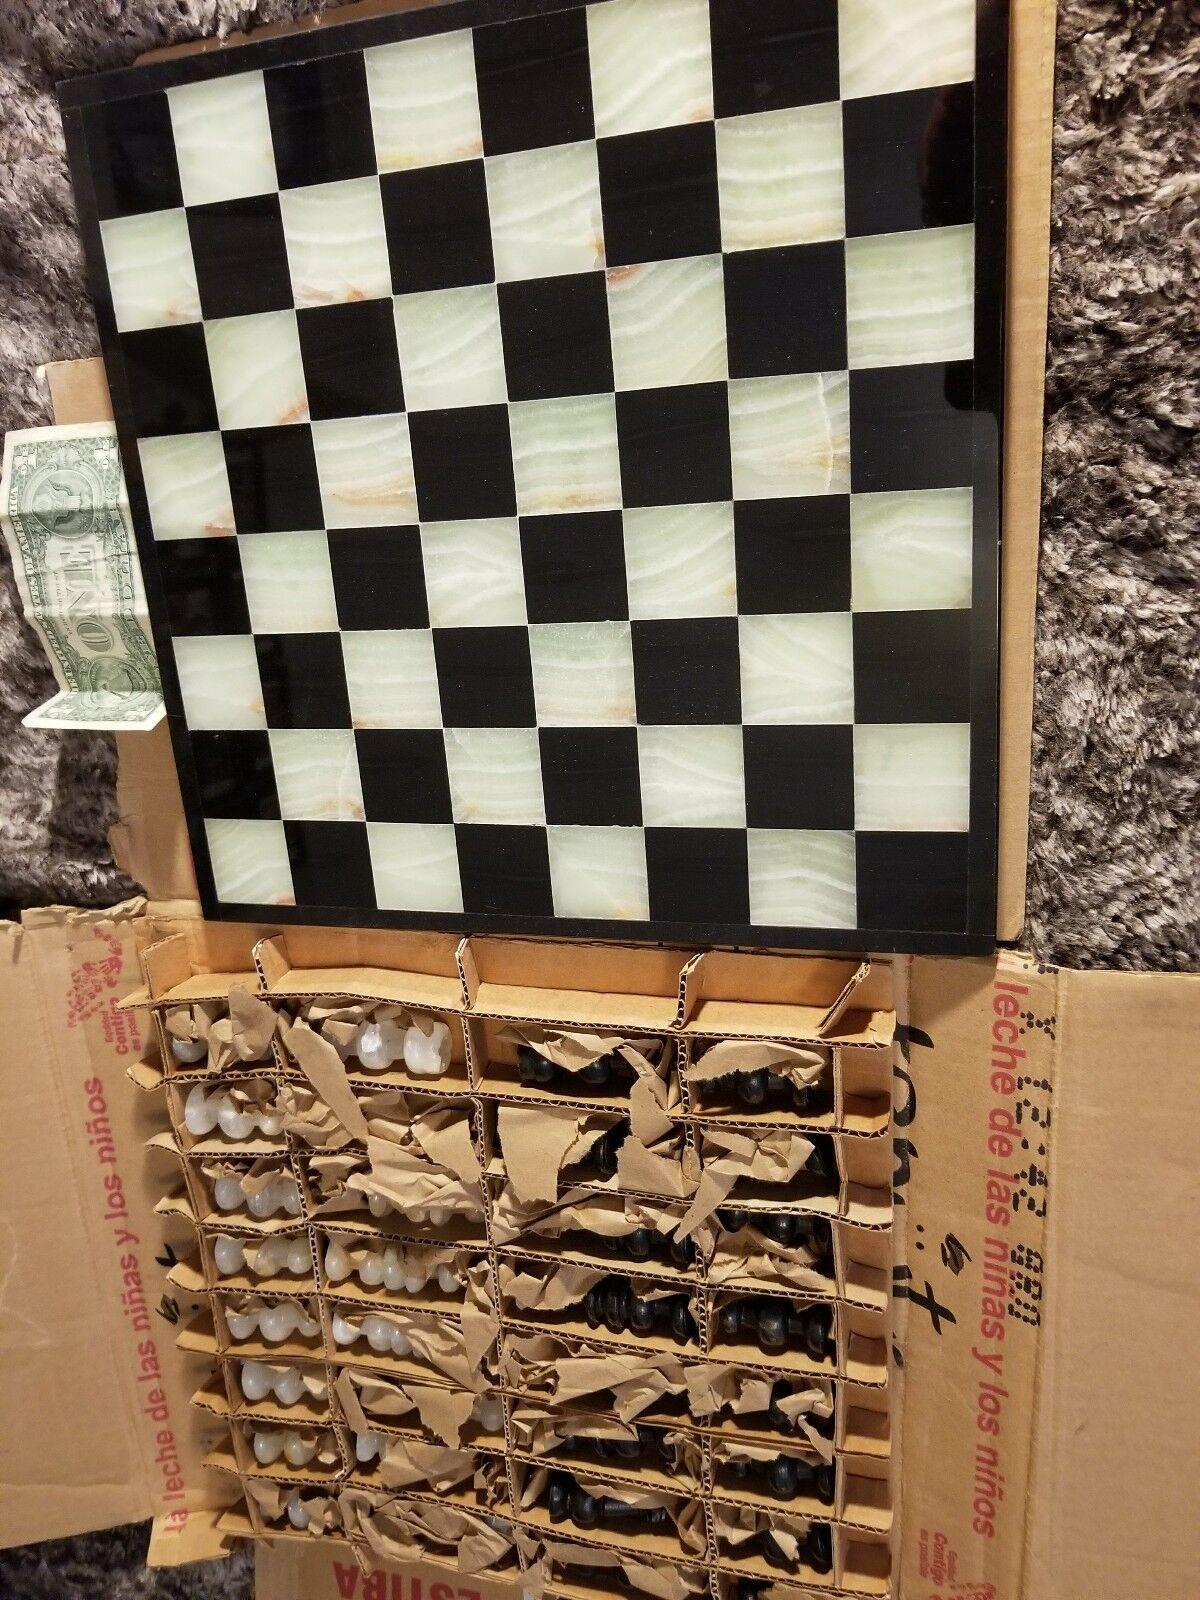 Stone  chess set  al prezzo più basso